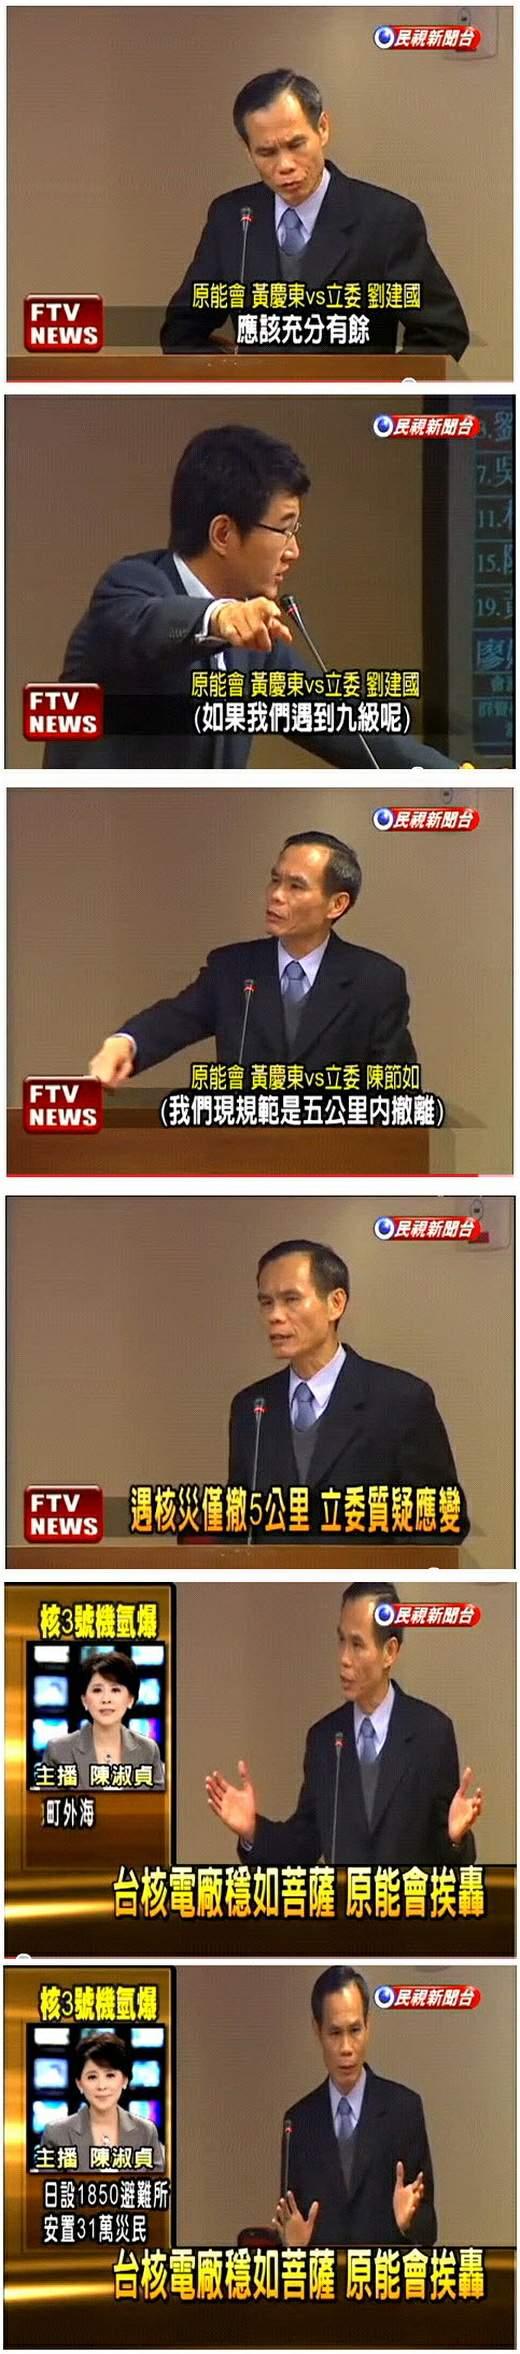 台核電廠穩如菩薩 原能會挨轟-民視新聞 -00-2.jpg